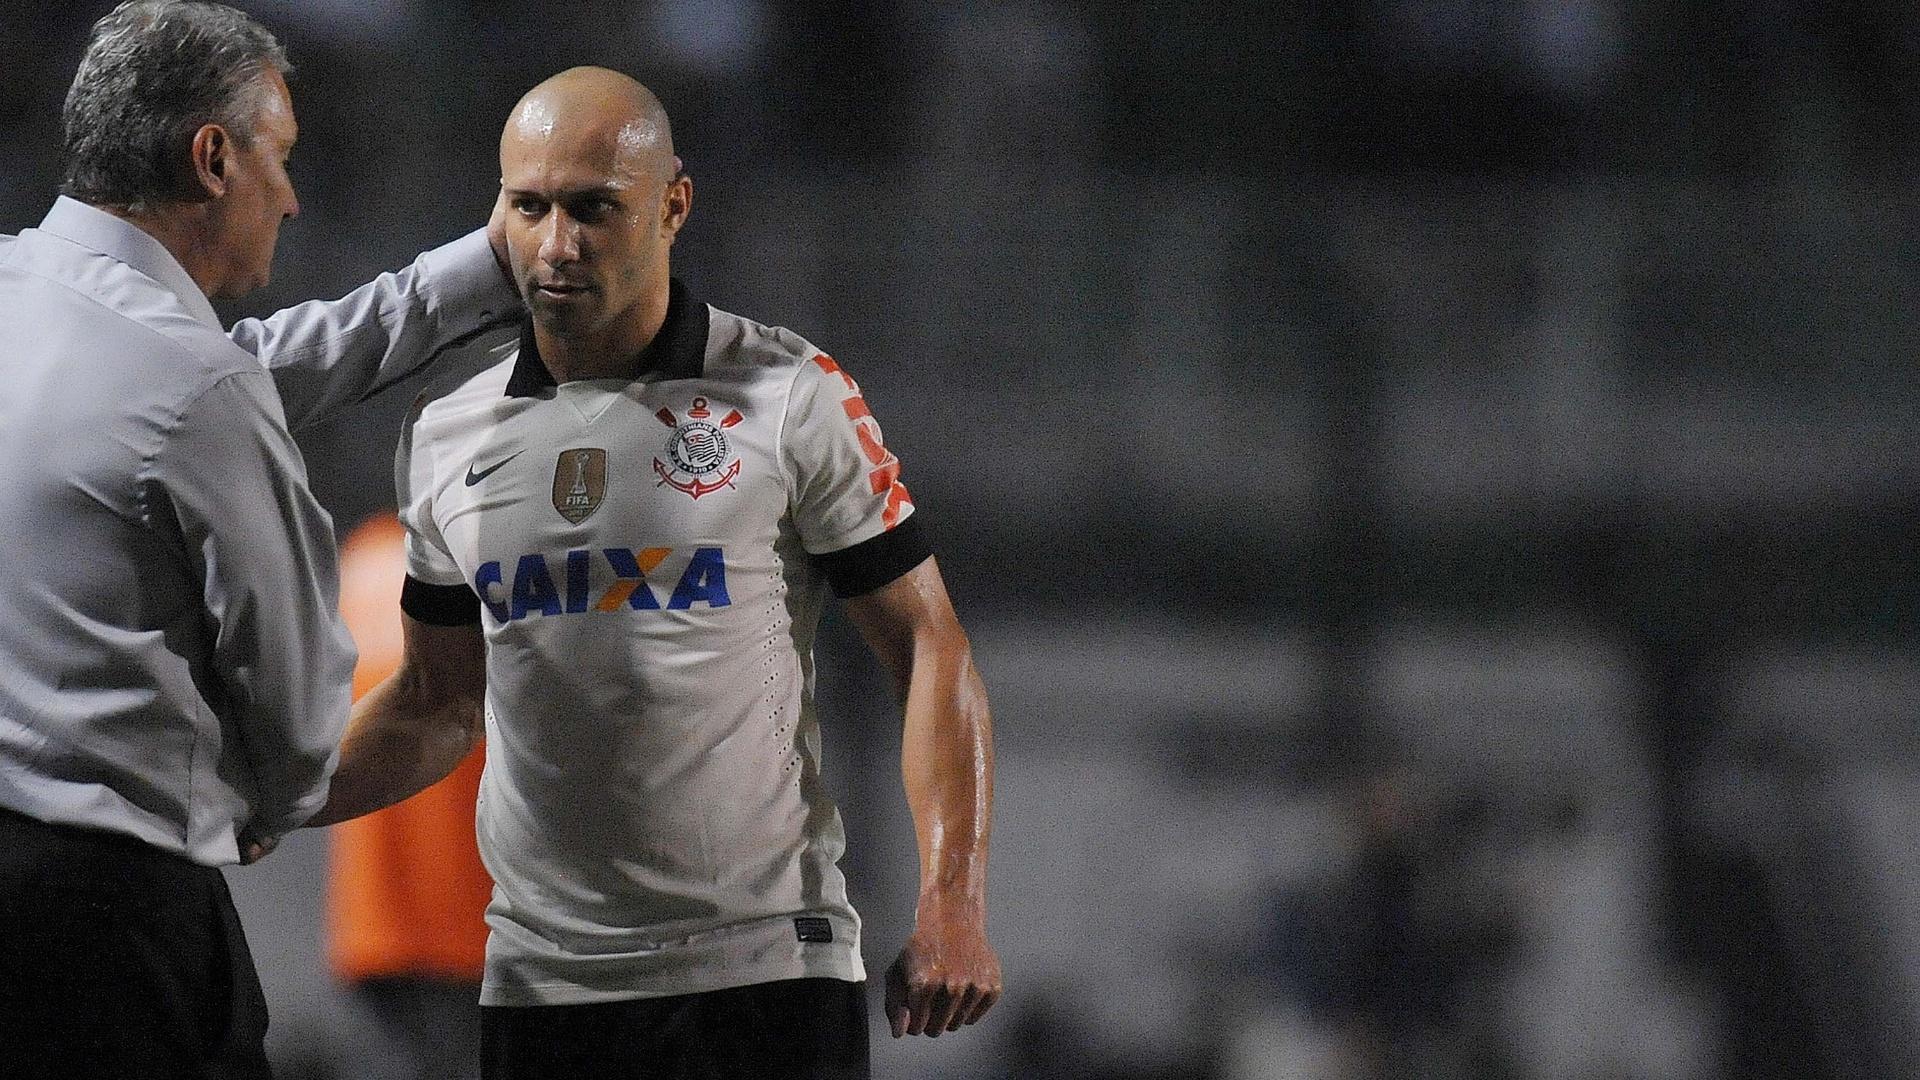 08.jun.2013 - Técnico Tite, do Corinthians, consola lateral Alessandro, que deixou o jogo contra a Portuguesa machucado